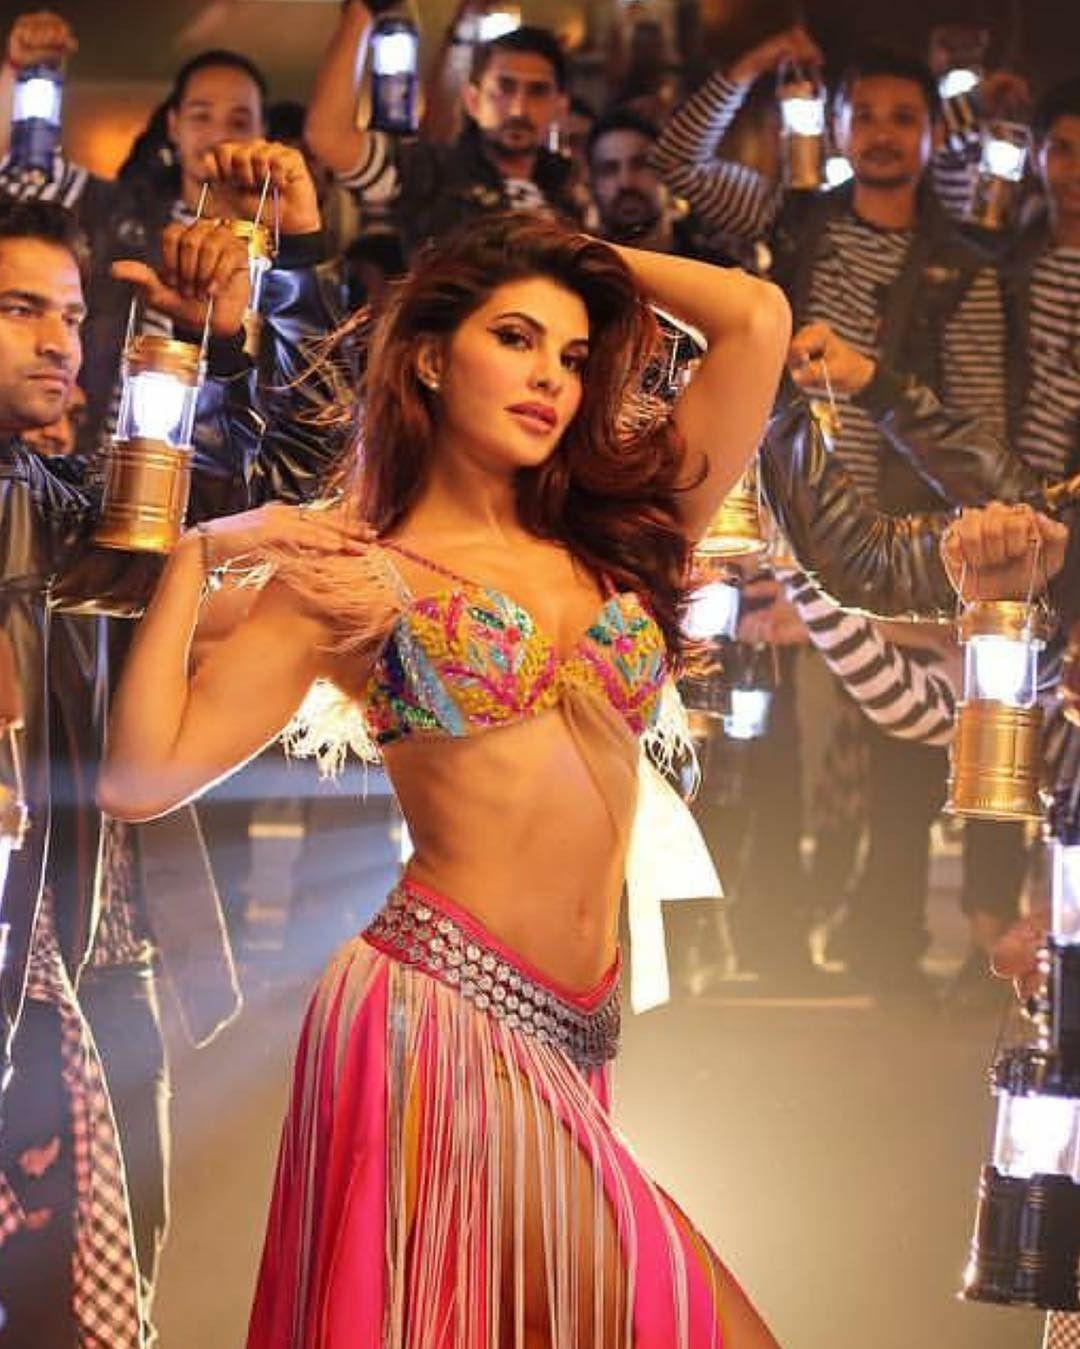 Ek Do Teen Baaghi 2 Djmix: Hot Jacqueline's New Song From #Baaghi 2 #Ek Do Teen